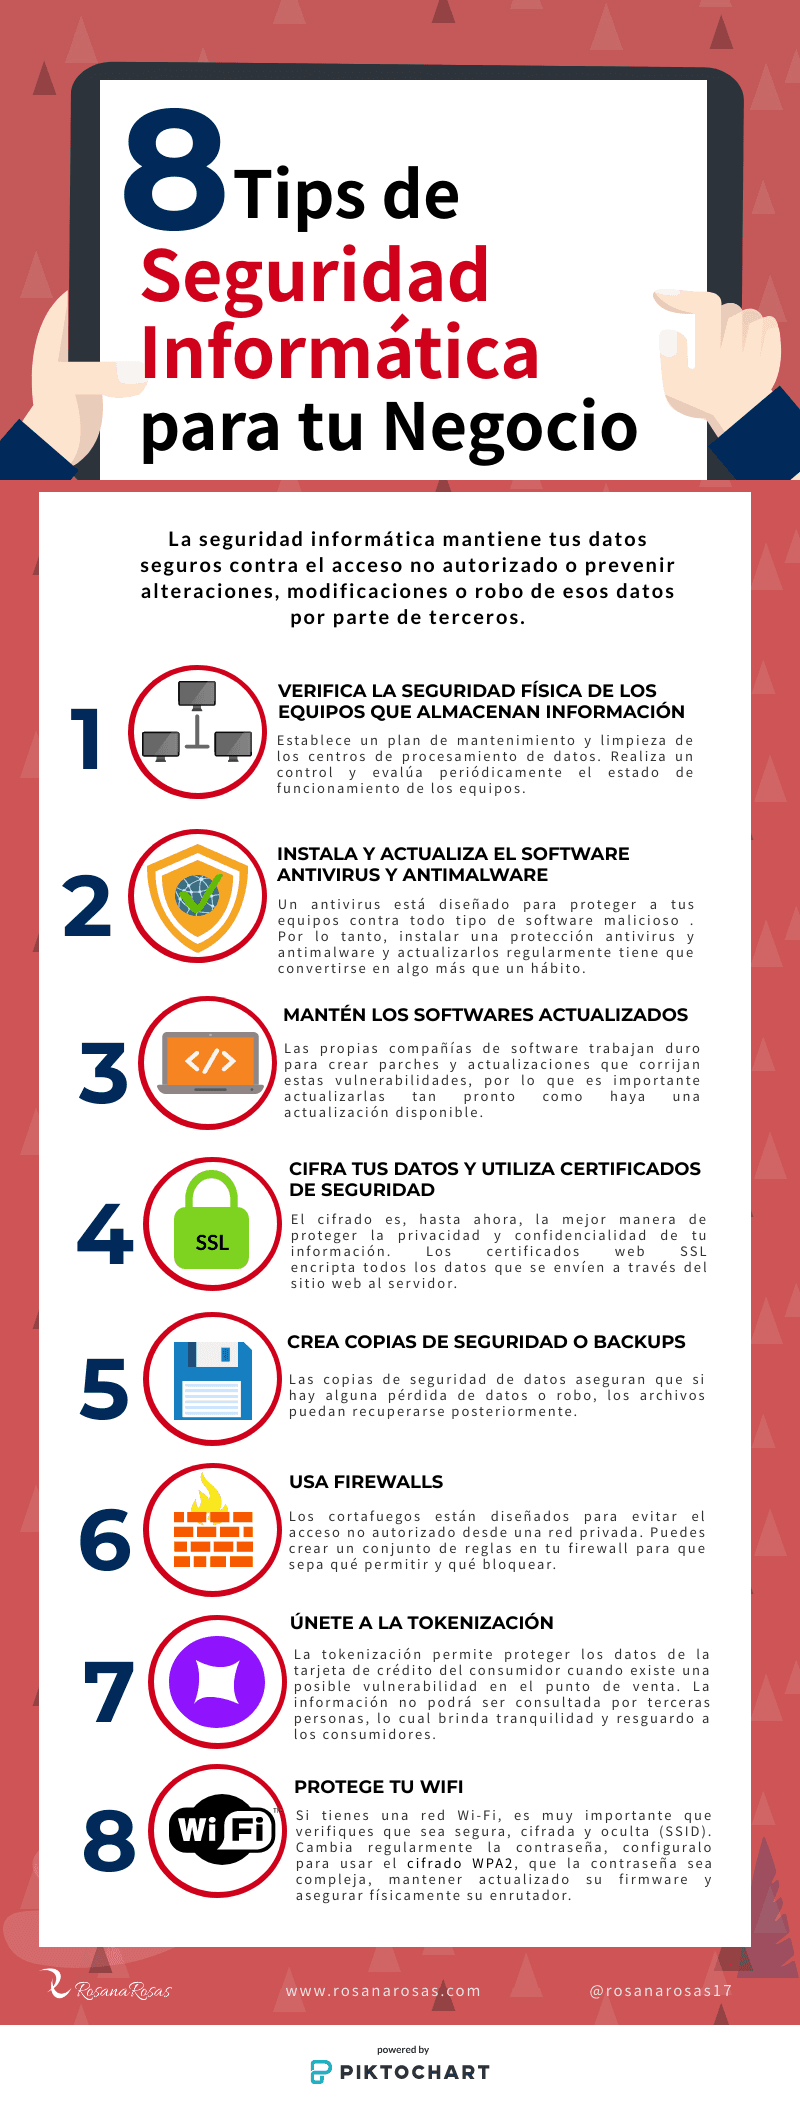 8 Tips De Seguridad Informática Para Tu Negocio Seguridad Informática Informática Consejos De Seguridad